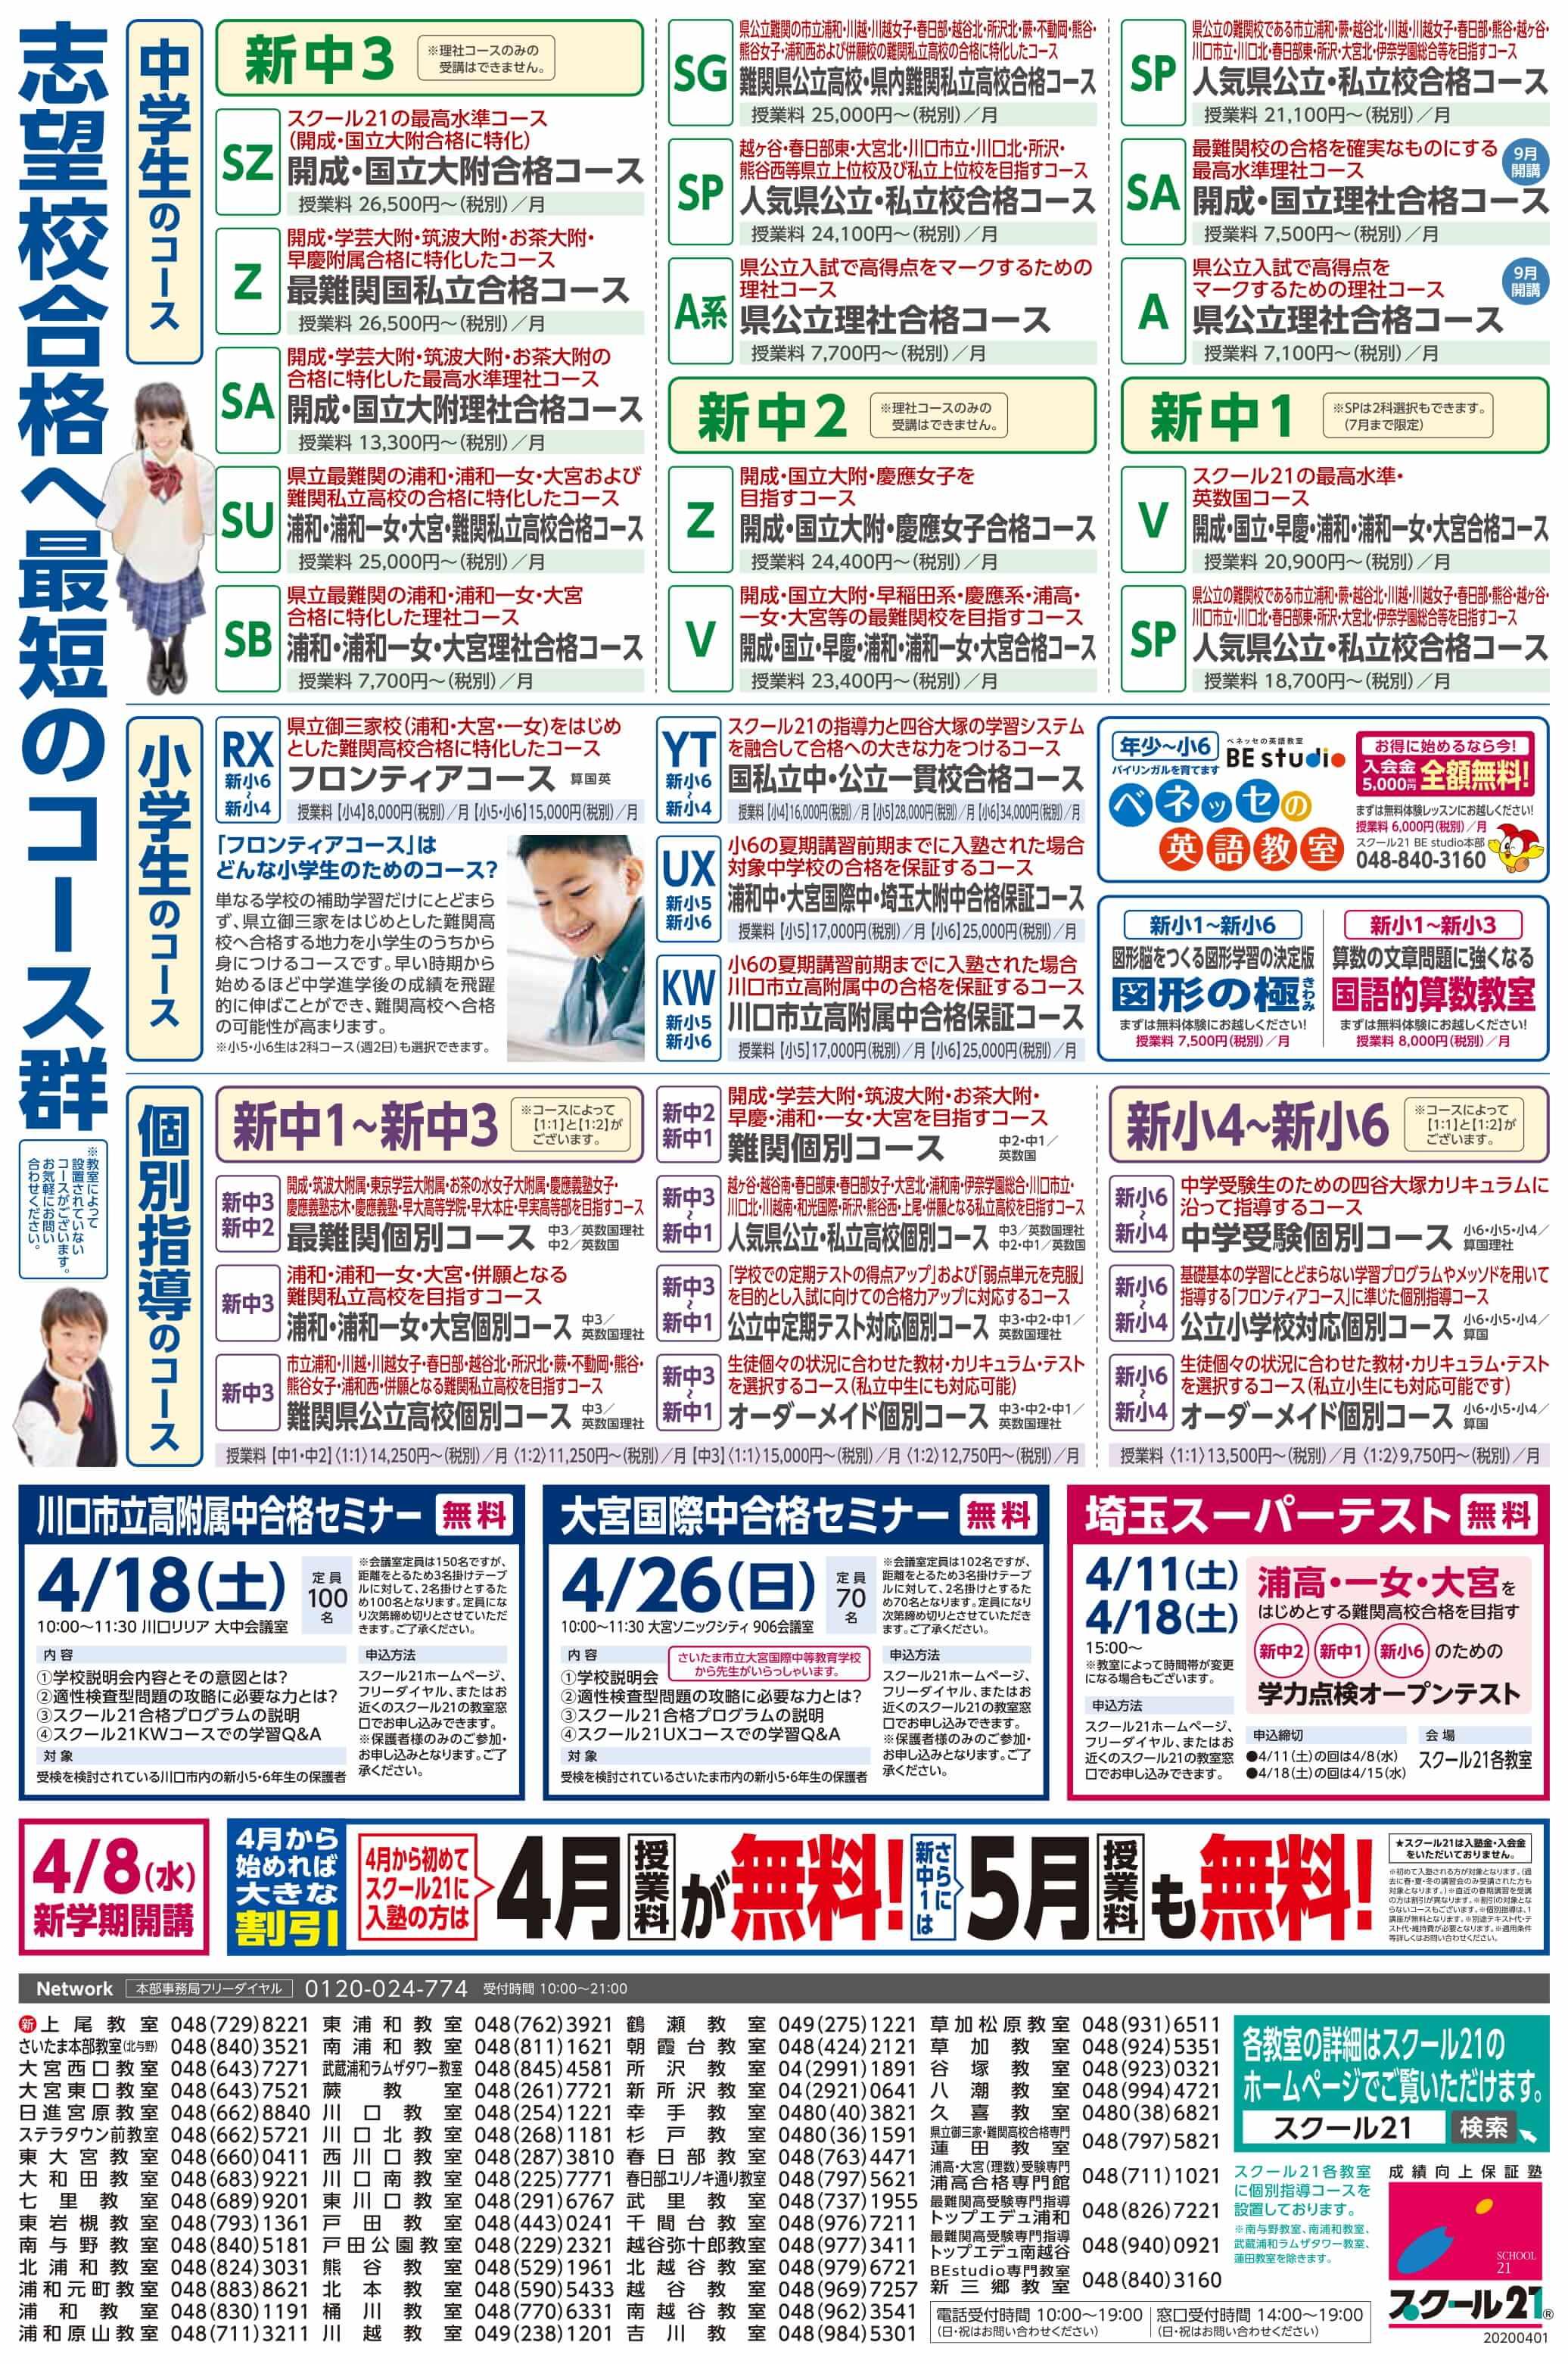 大宮 開成 ホームページ